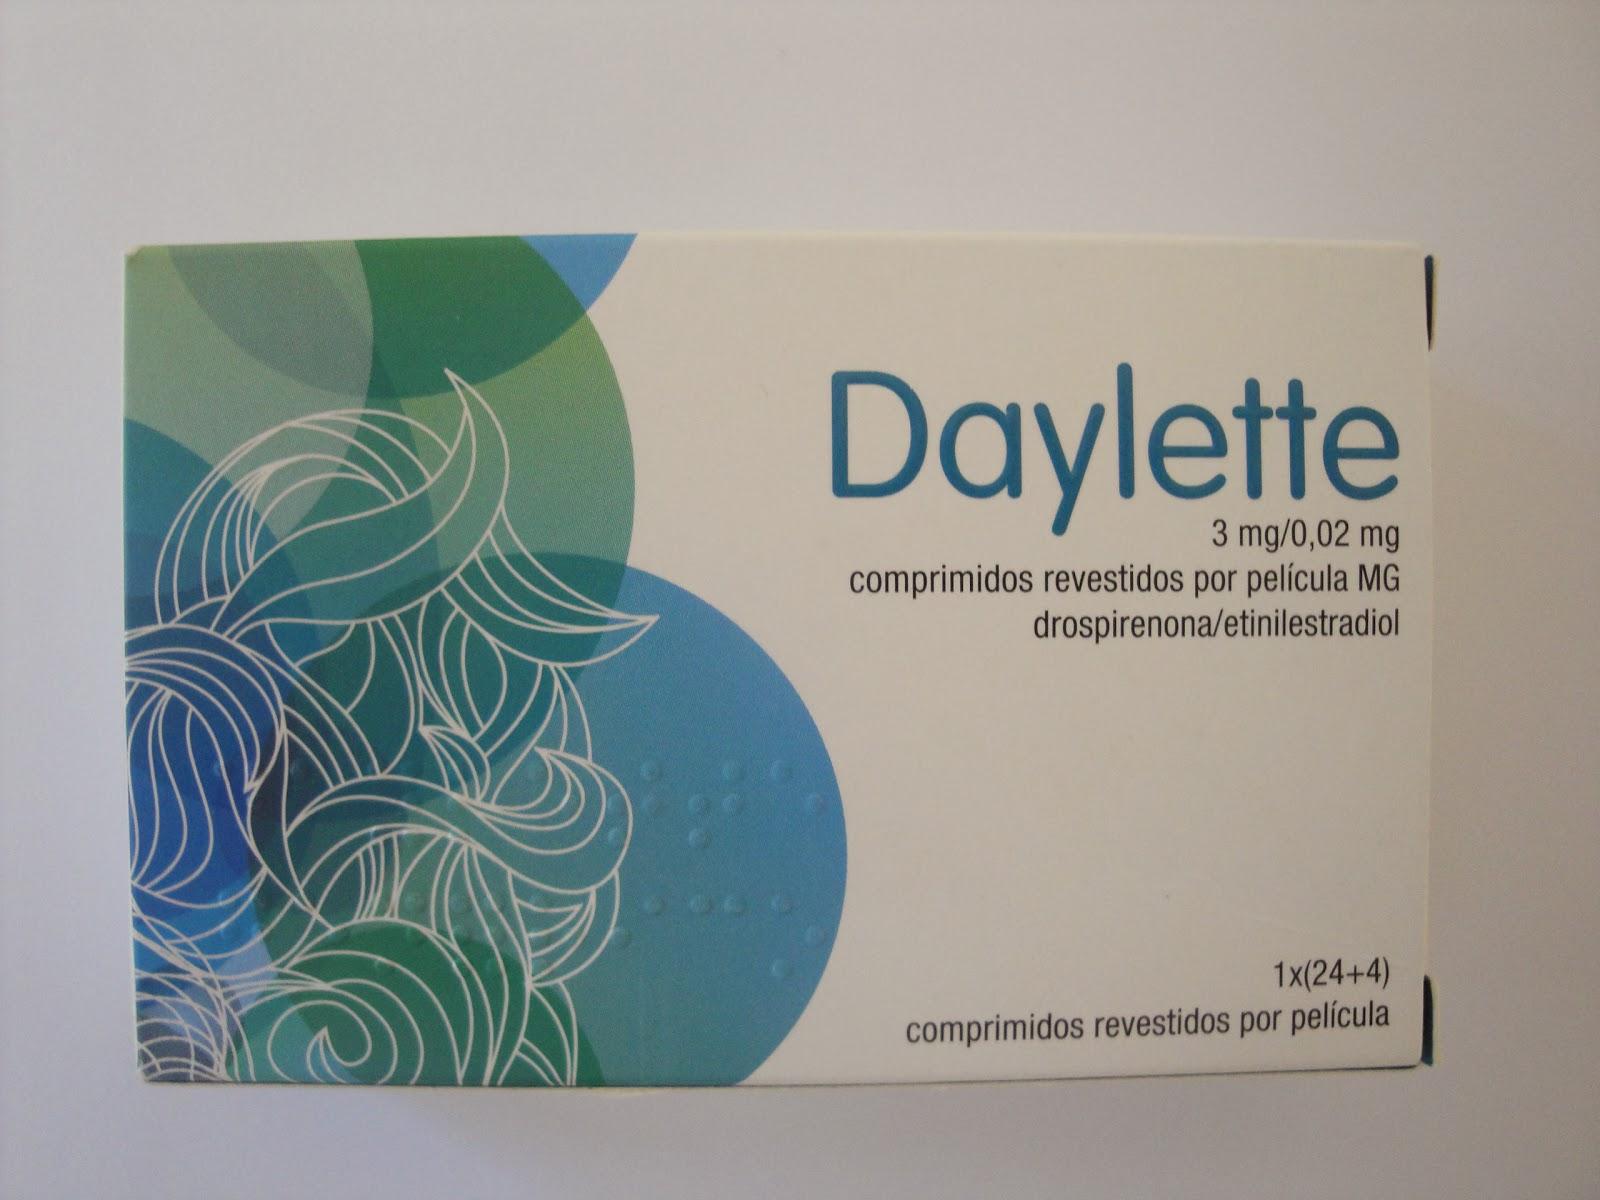 Daylette